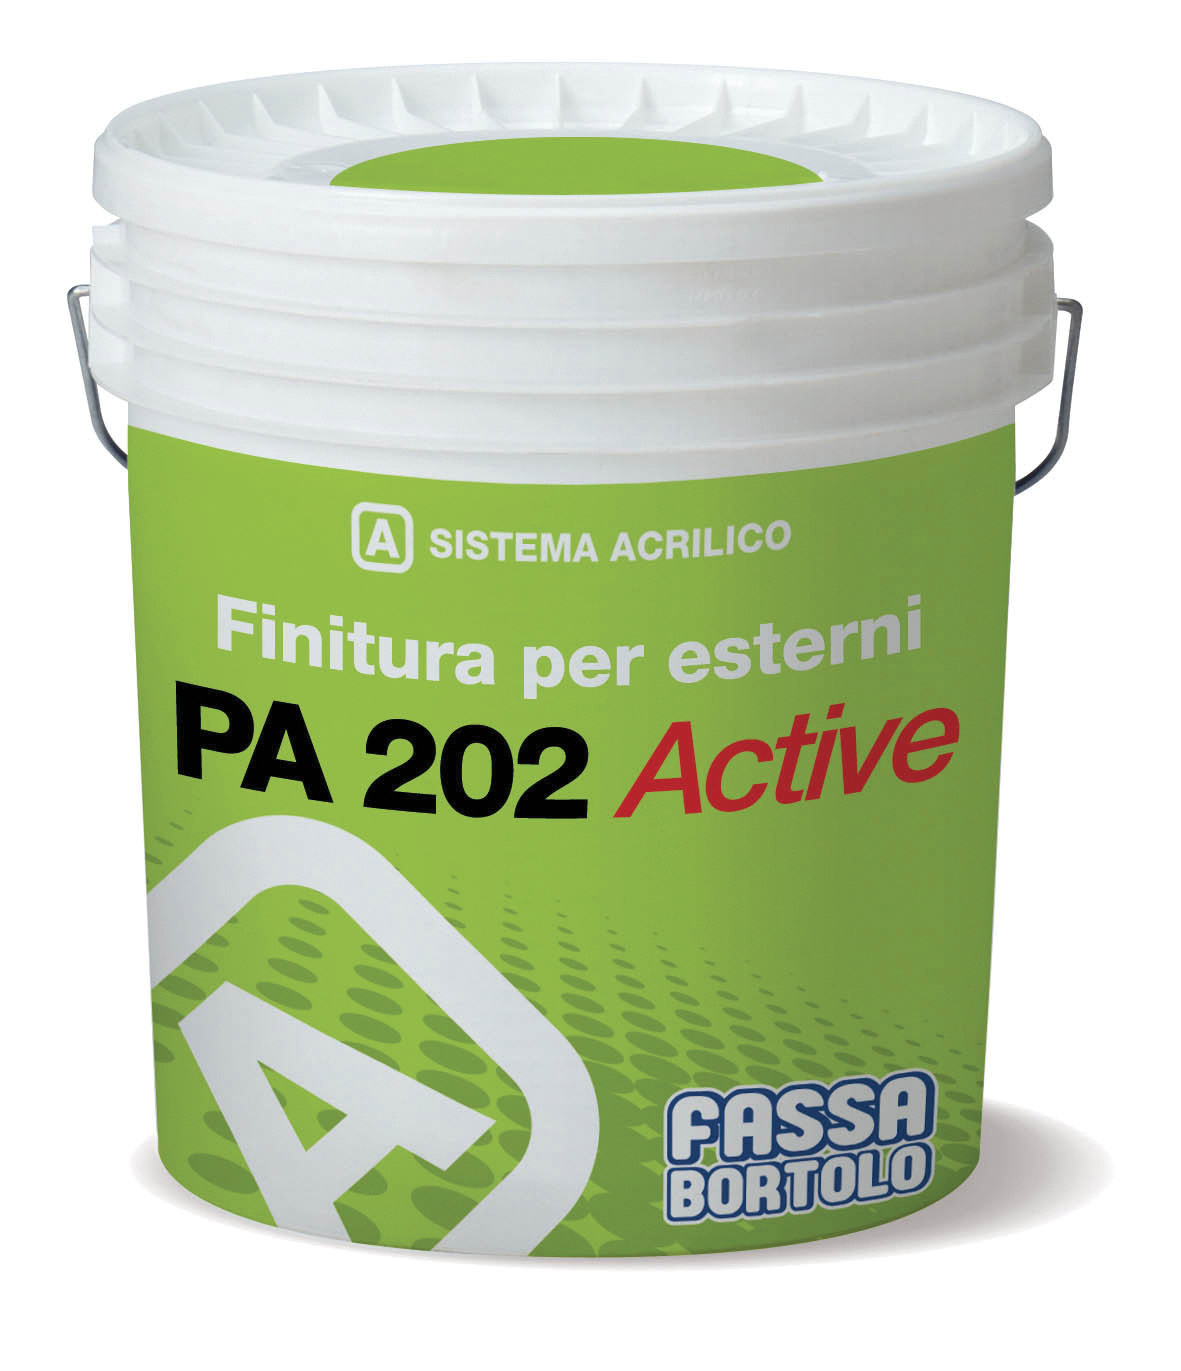 PA 202 ACTIVE: Regularizador de proteção